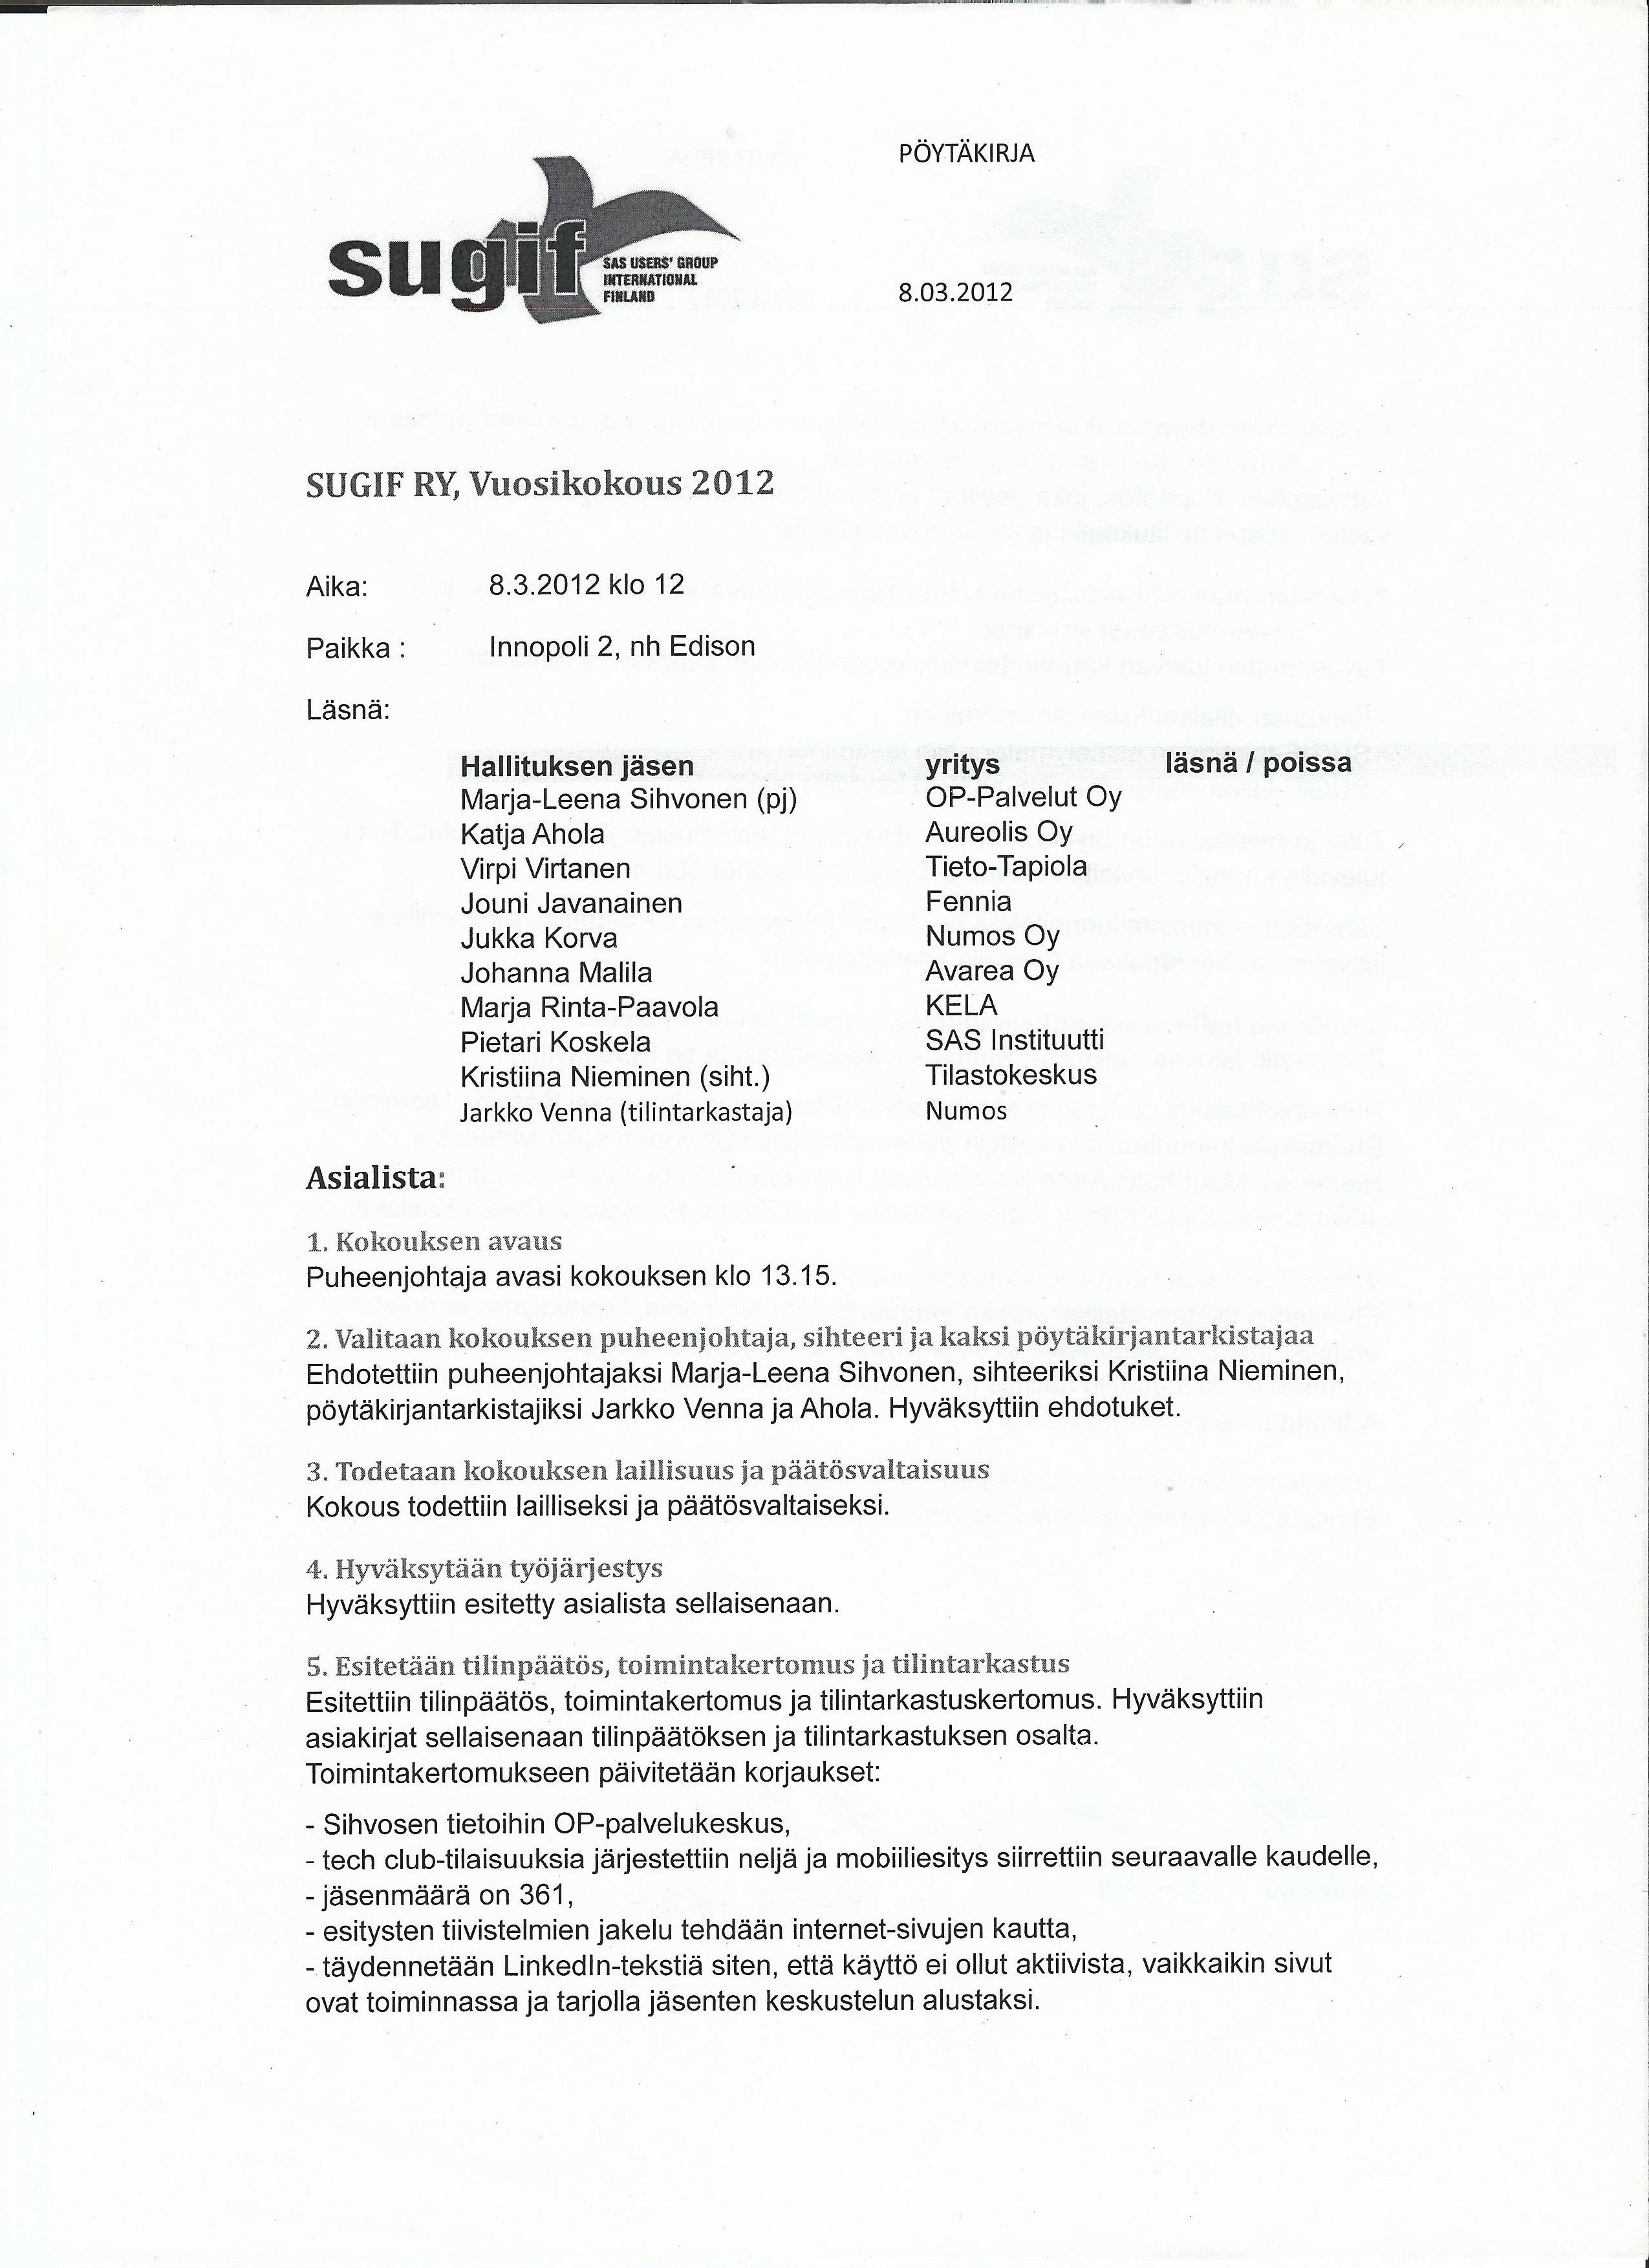 rekisteröidyn yhdistyksen tilintarkastuskertomus